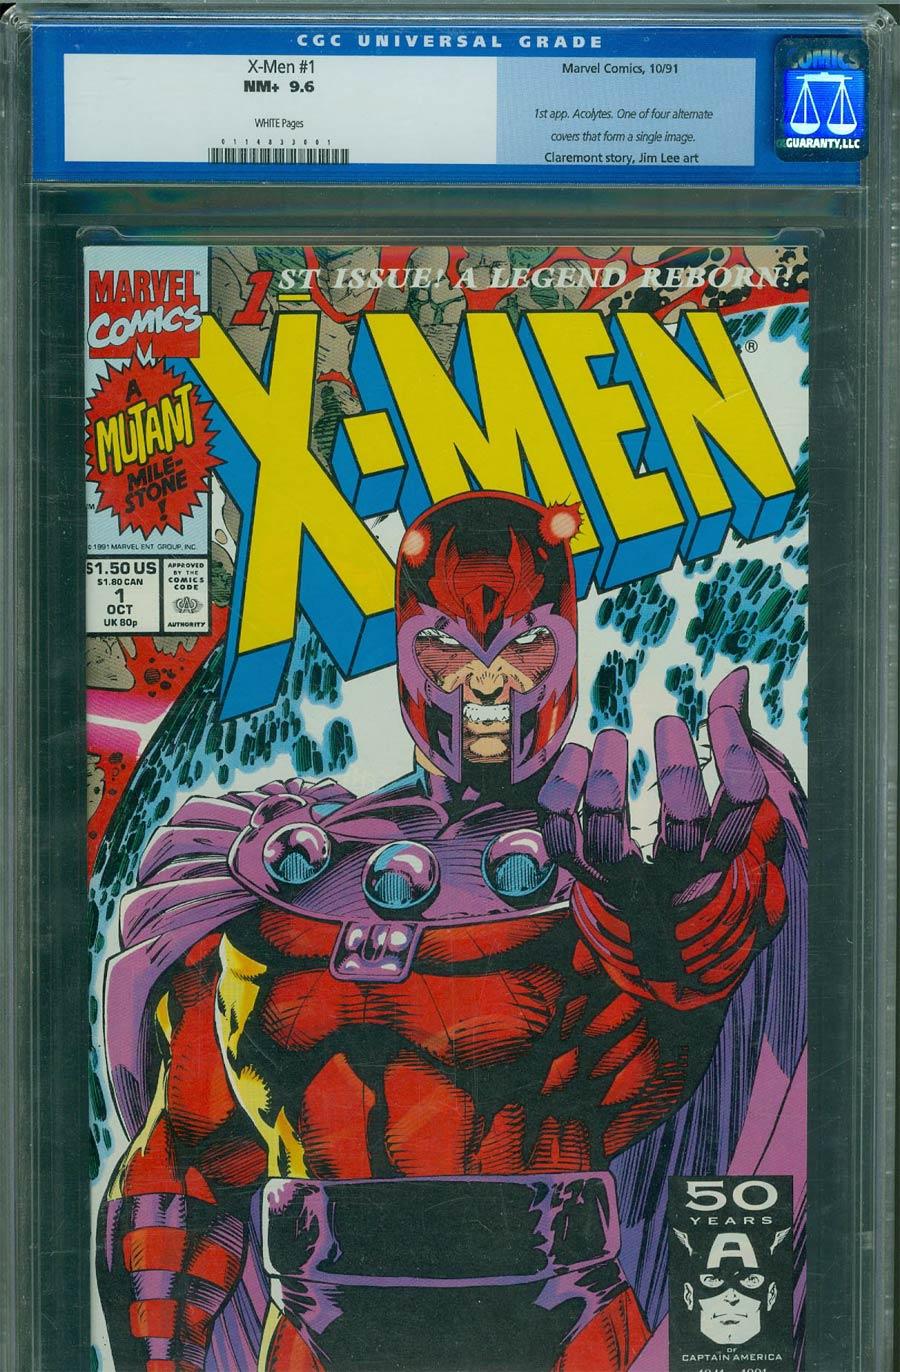 X-Men Vol 2 #1 Cover M Magneto CGC 9.6